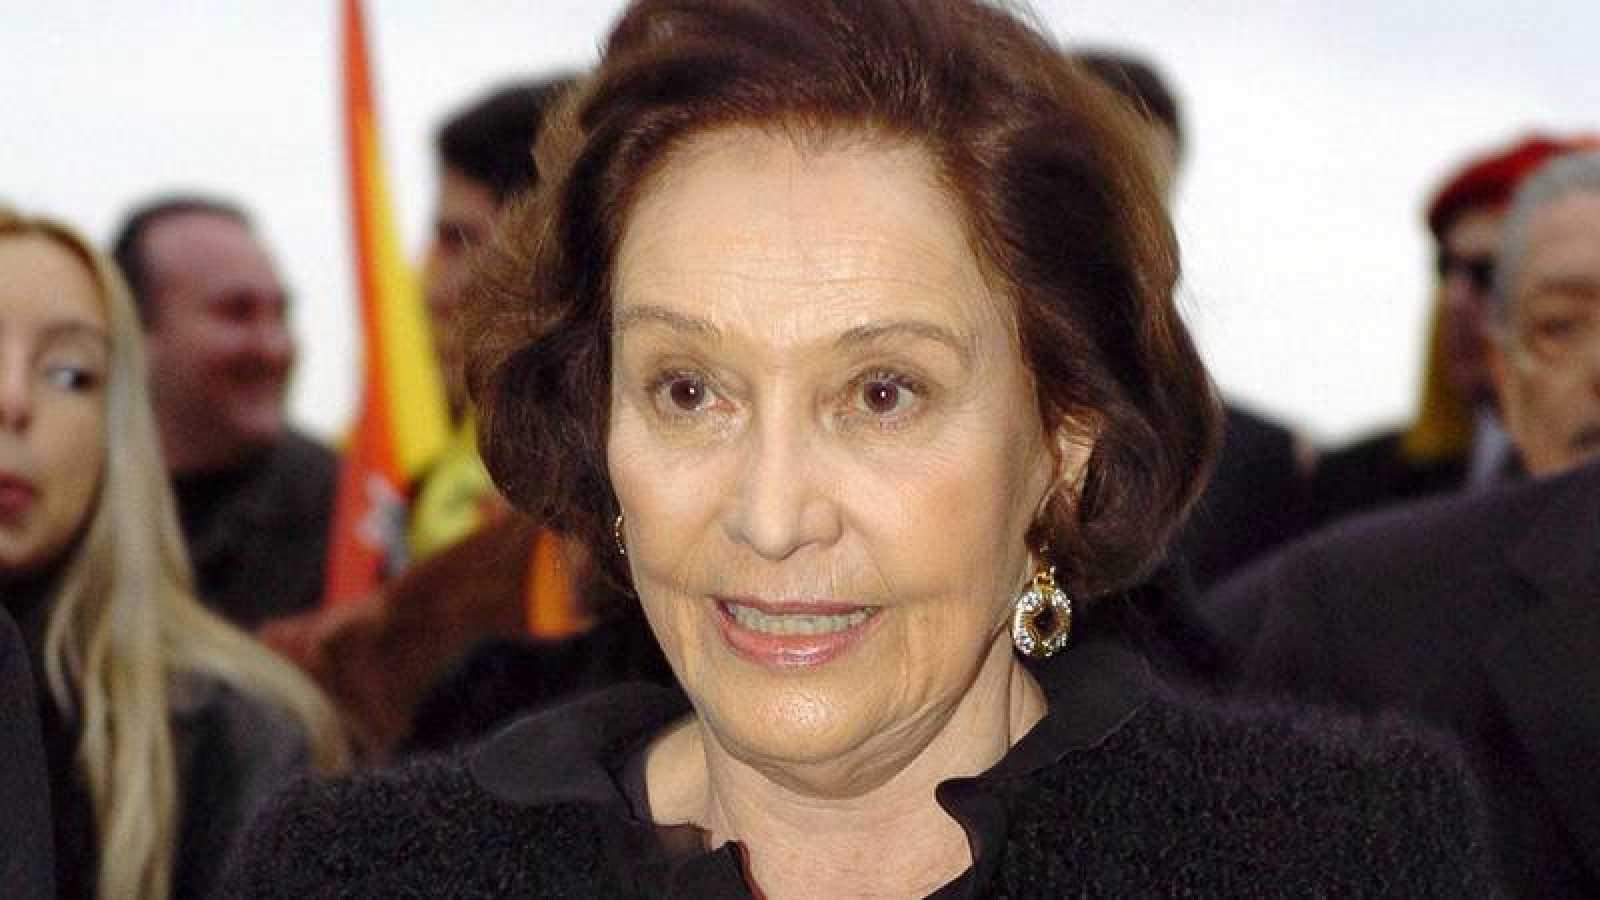 Carmen Franco, la hija del dictador Francisco Franco, en una imagen de archivo de 2005